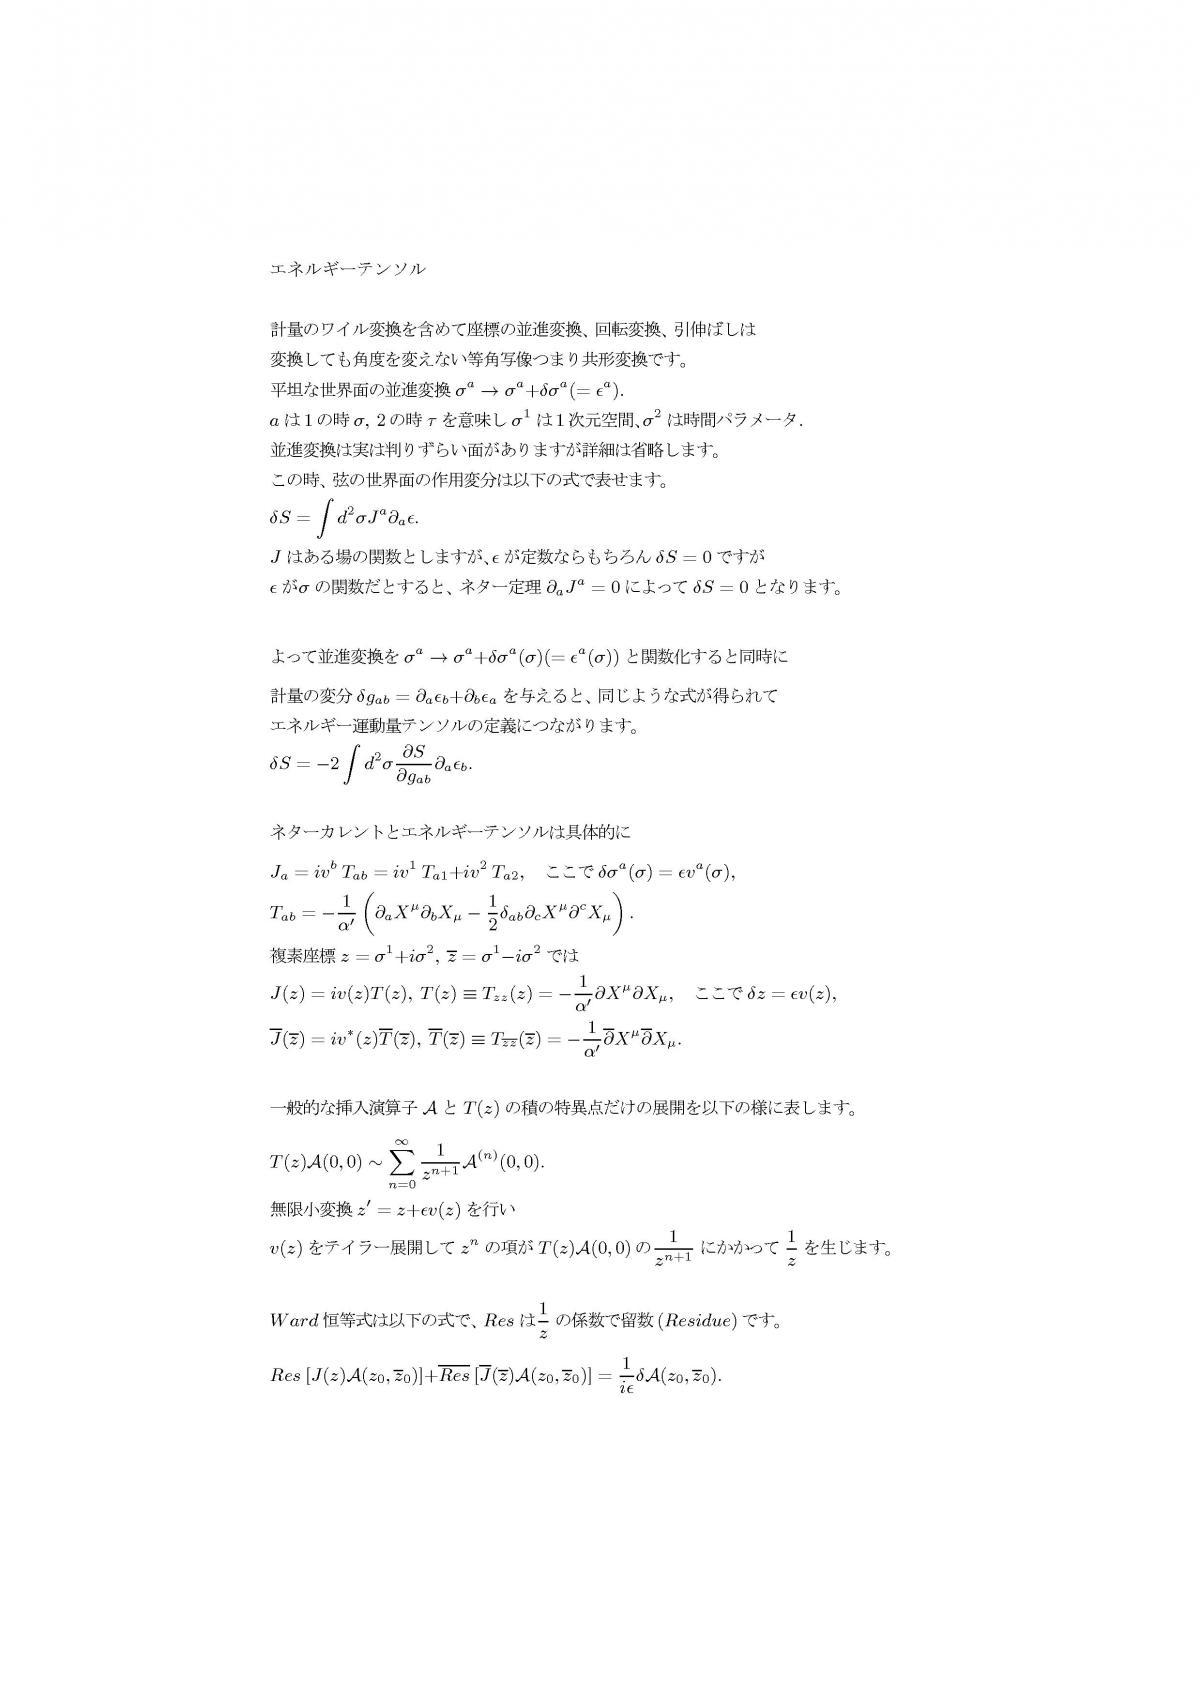 zgen32b.jpg